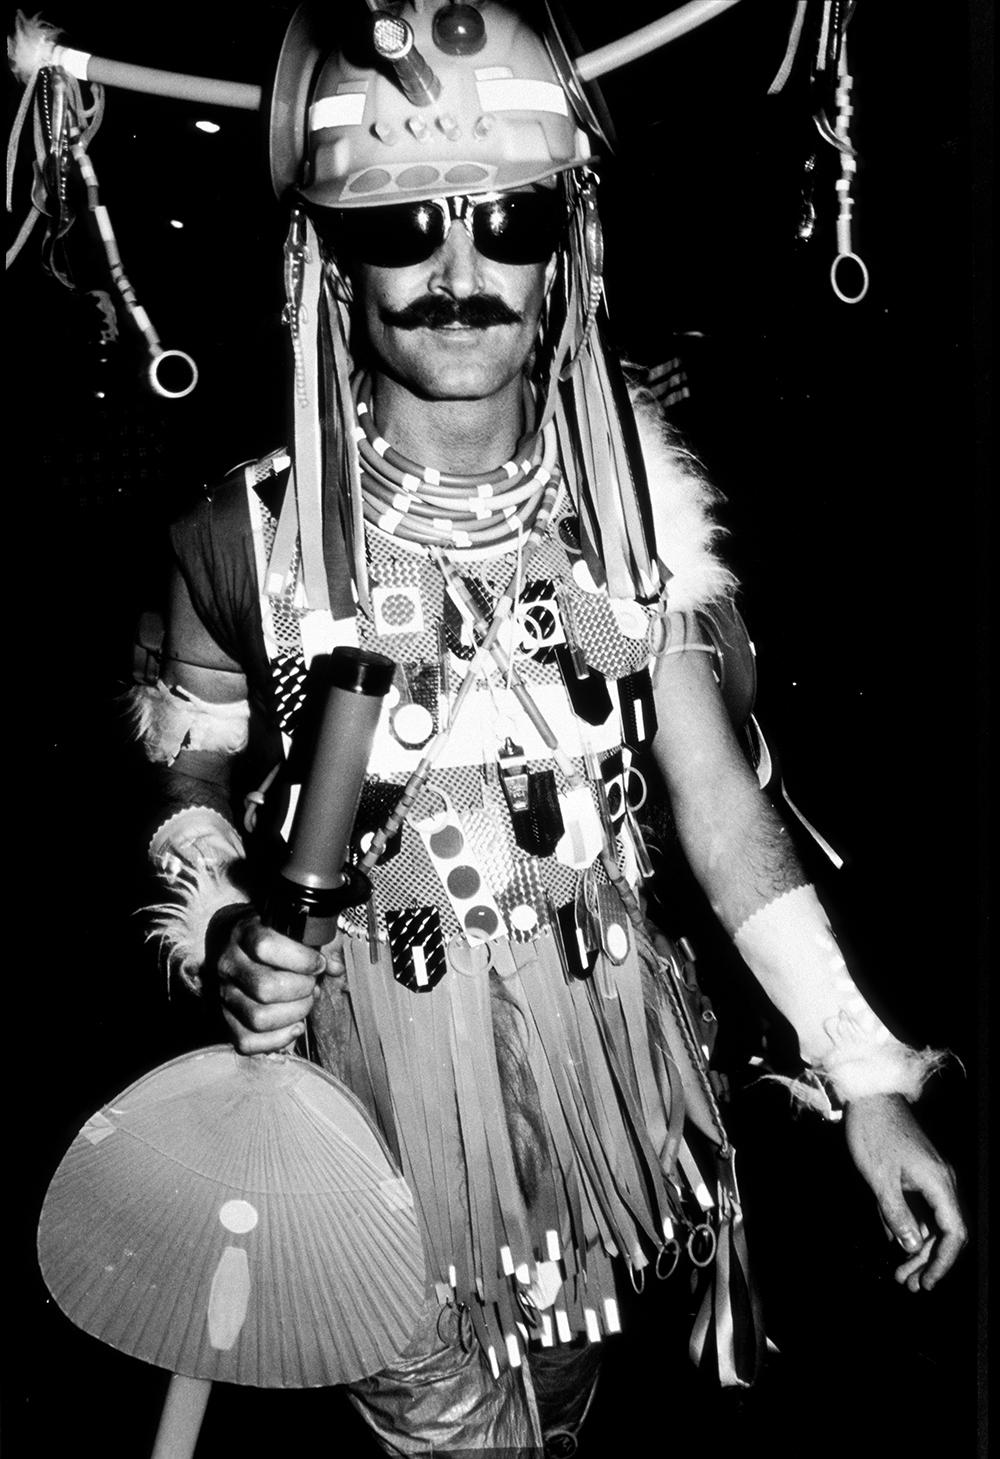 Peter Tully wearing Urban Tribalwear at Mardi Gras 1981.